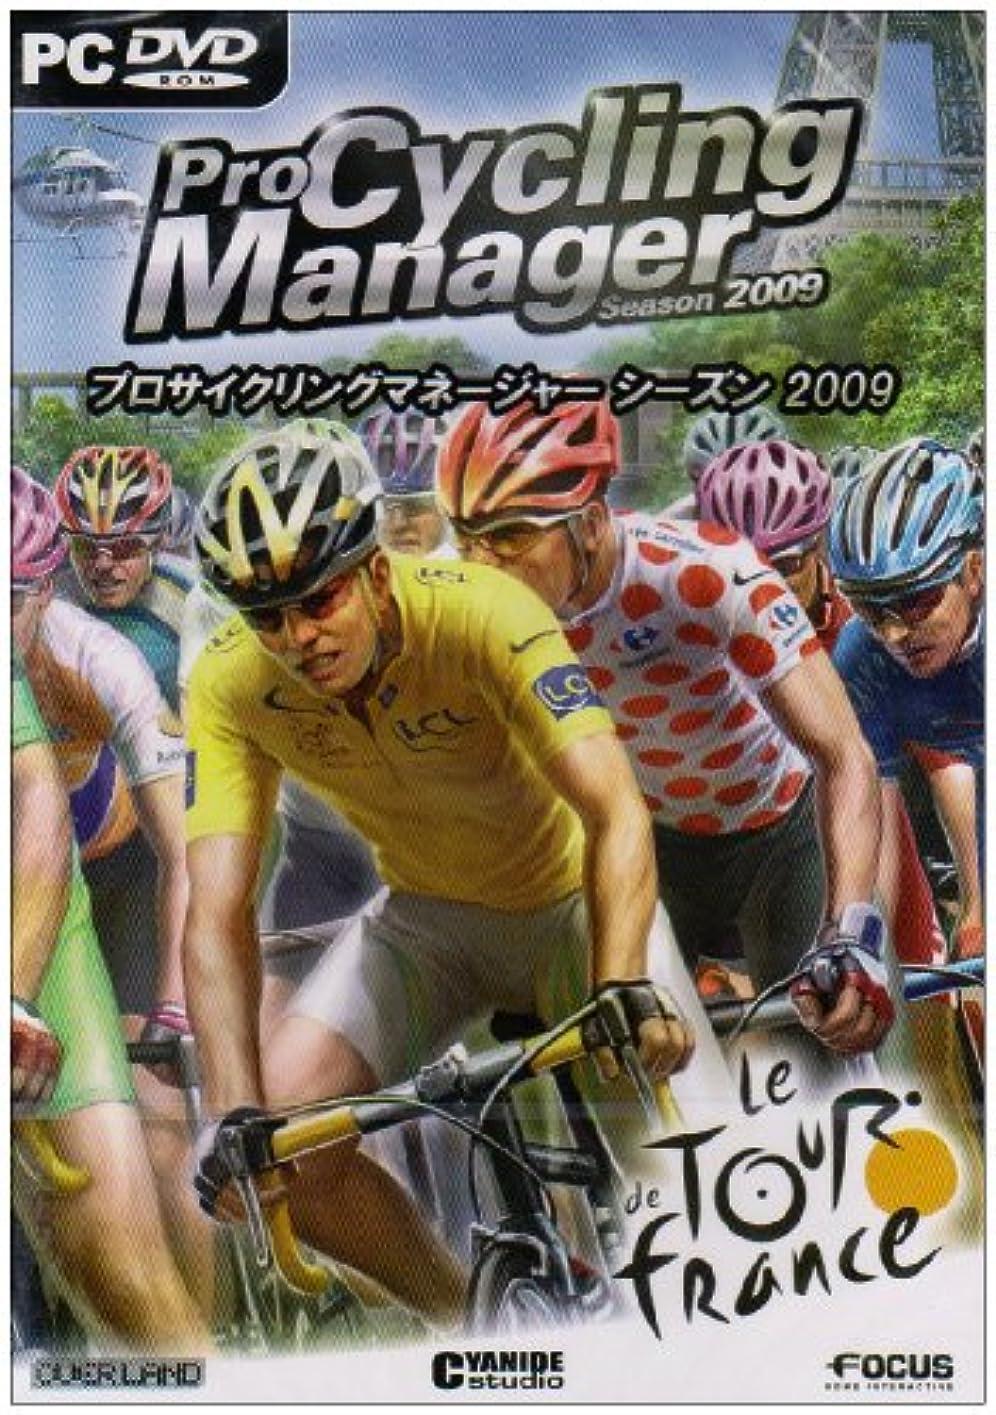 無心ばかげている式オーバーランド プロサイクリングマネージャー シーズン2009